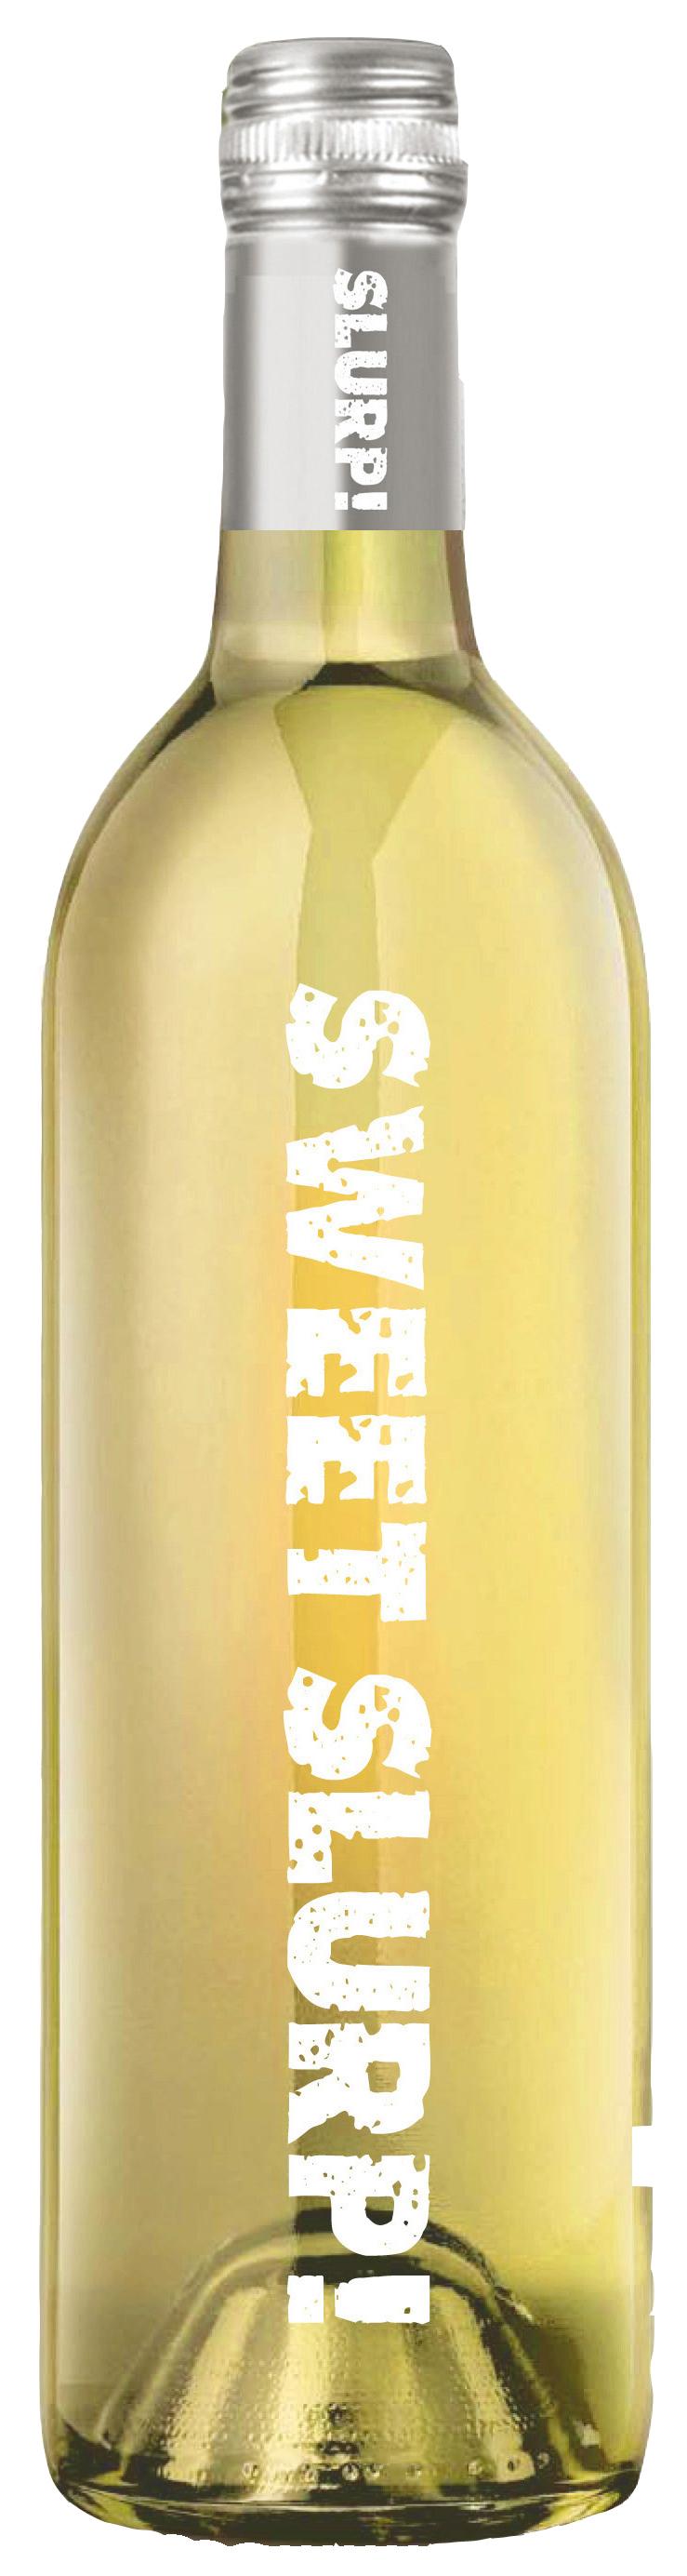 La Tulipe Slurp! Sweet, Chardonnay / Muscat